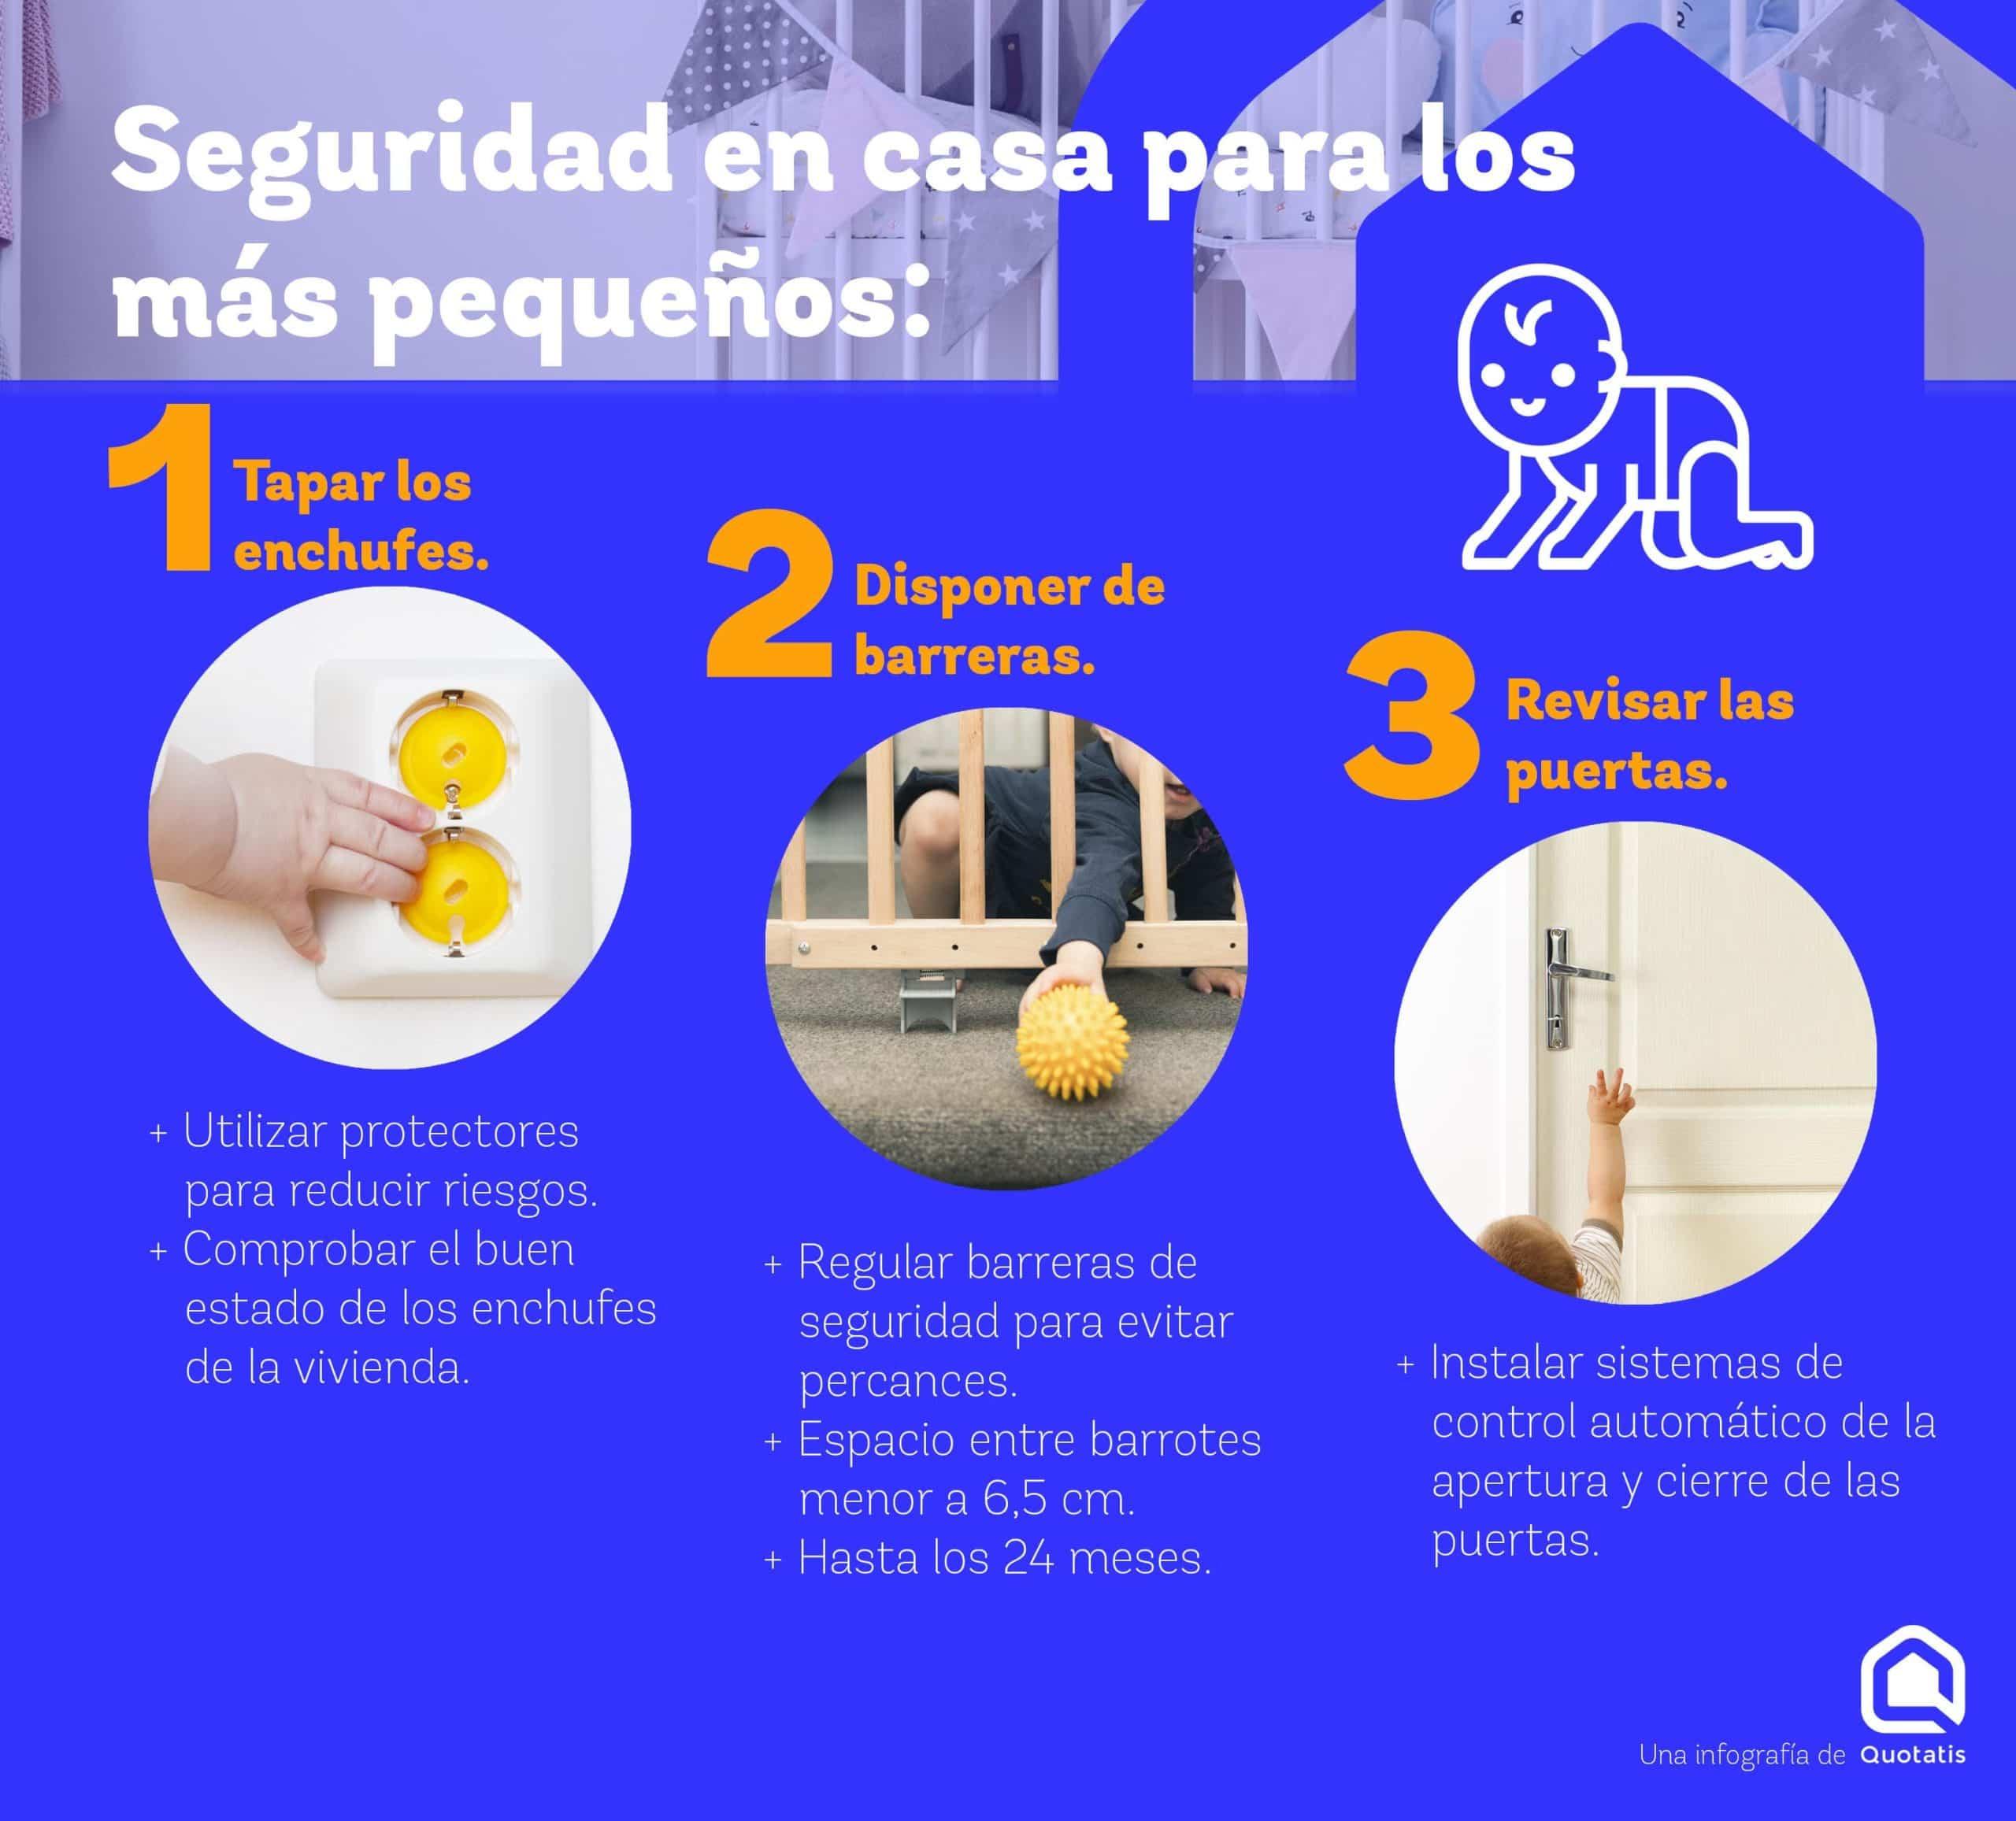 Seguridad en el hogar para los más pequeños ¡Adapta tu vivienda!